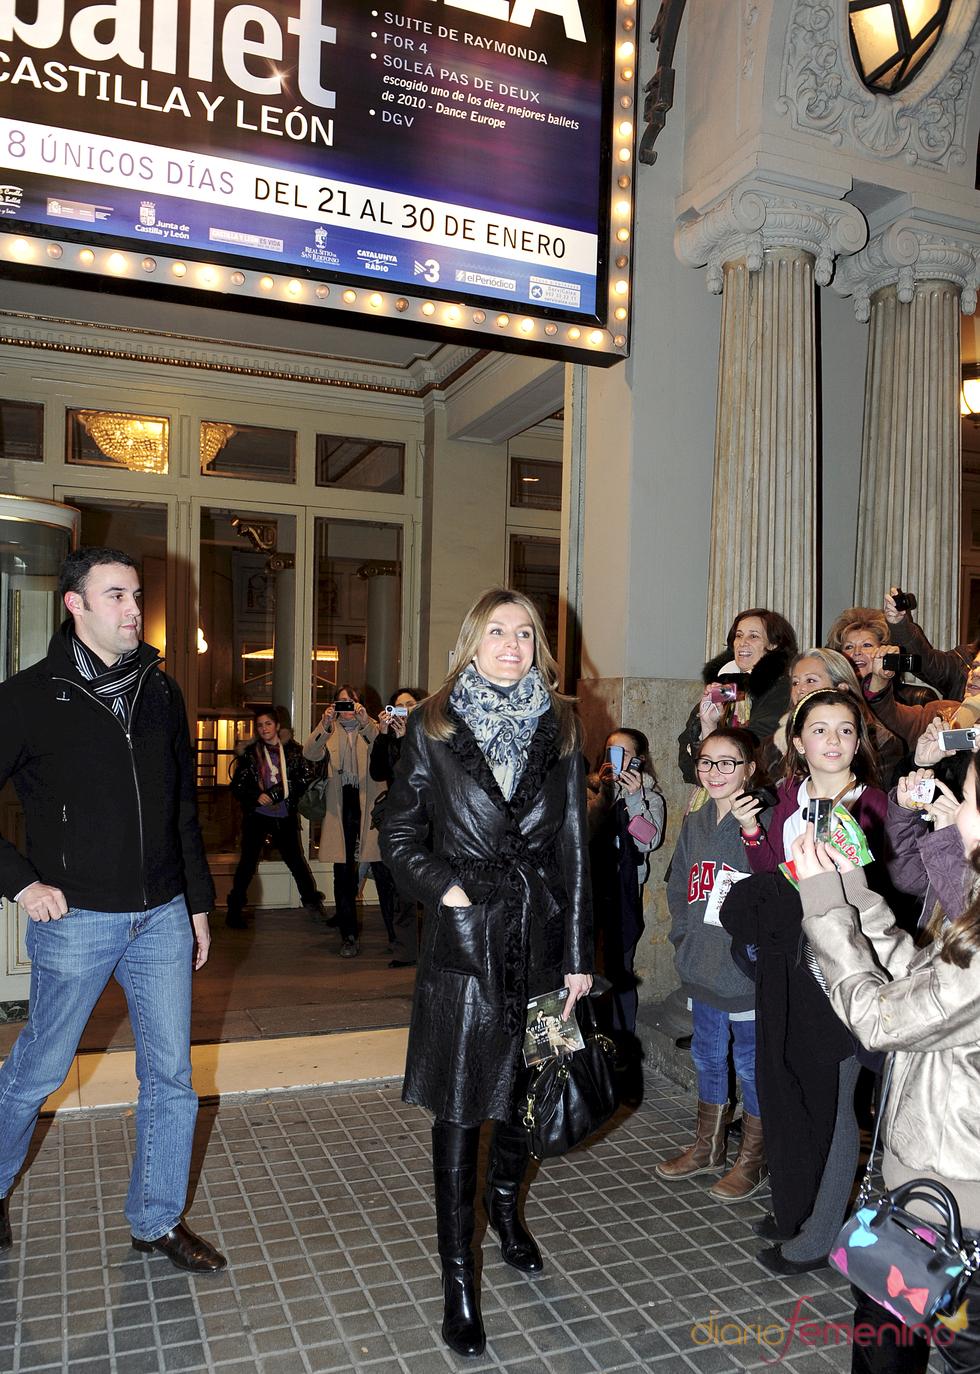 La princesa Letizia acude junto a una amiga a un espectáculo de Ángel Corella